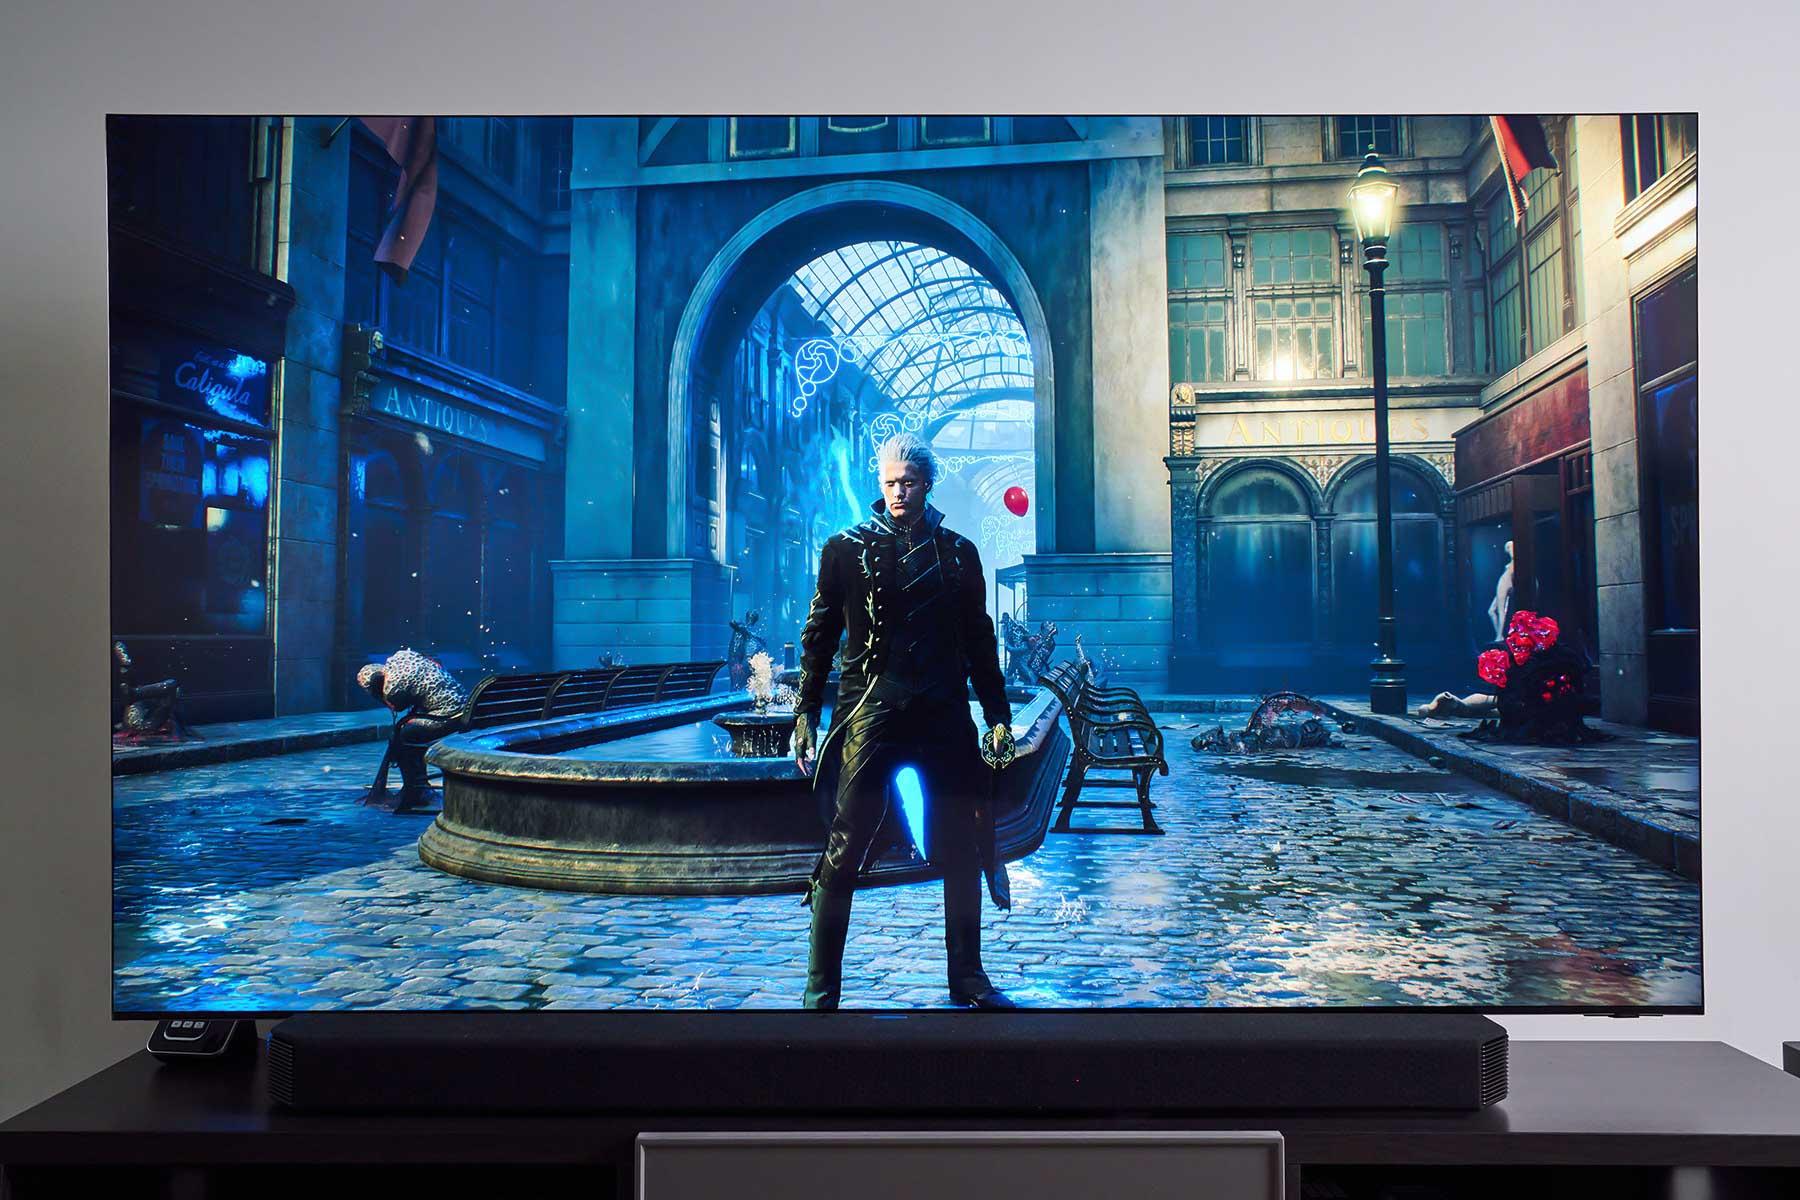 無論是觀賞影片或玩遊戲,Neo QLED 8K 量子電視所呈現的都是精準且衝擊力較強的音色,包圍感的表現也相當不錯。